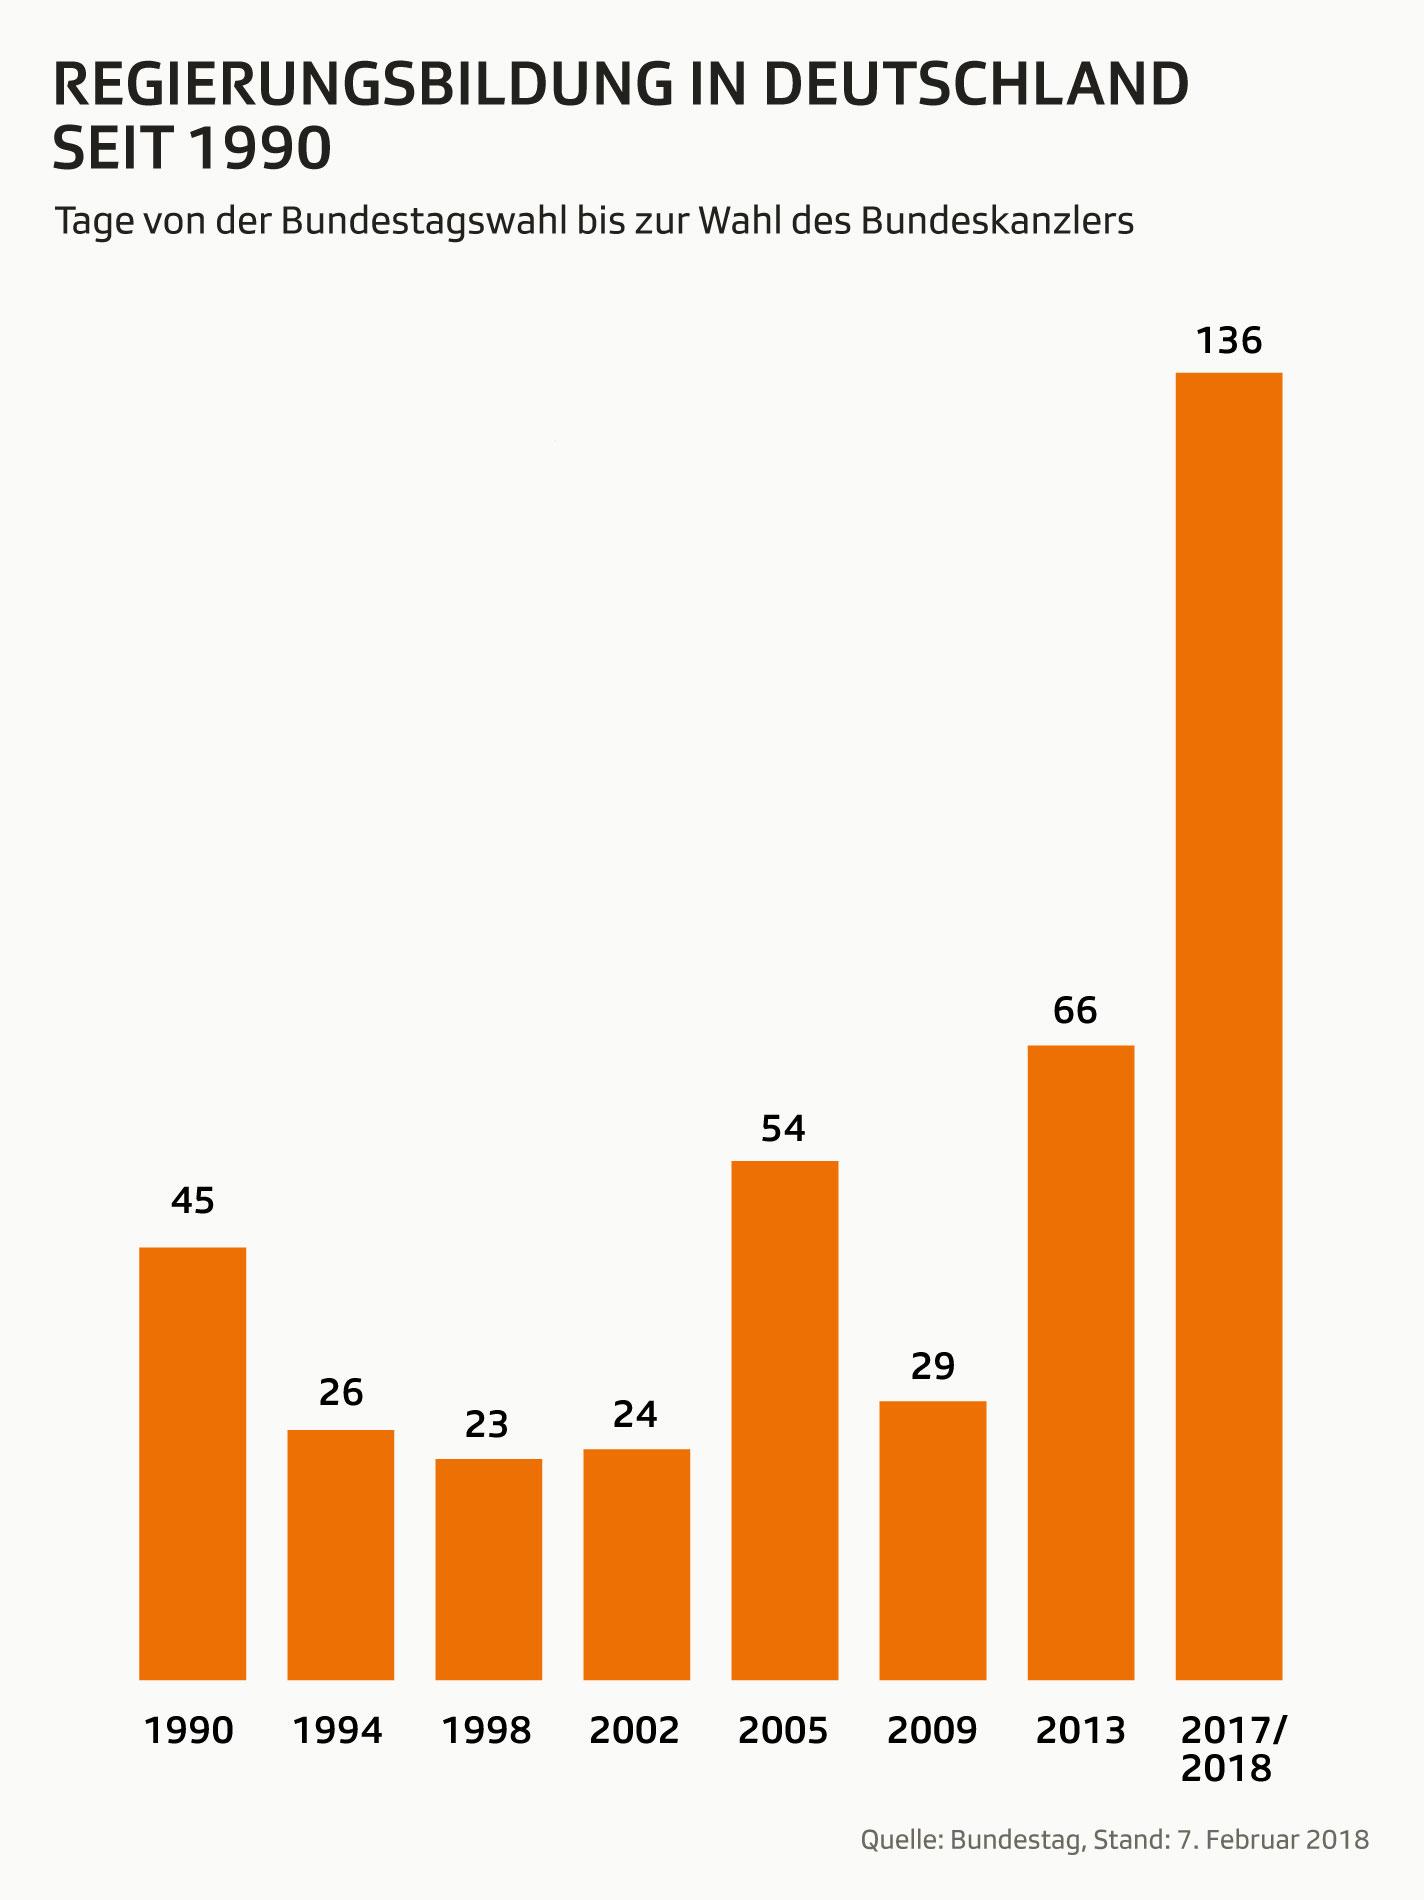 Grafik zeigt Anzahl der Tage von der Bundestagswahl bis zur Wahl der Bundeskantzler seit 1990